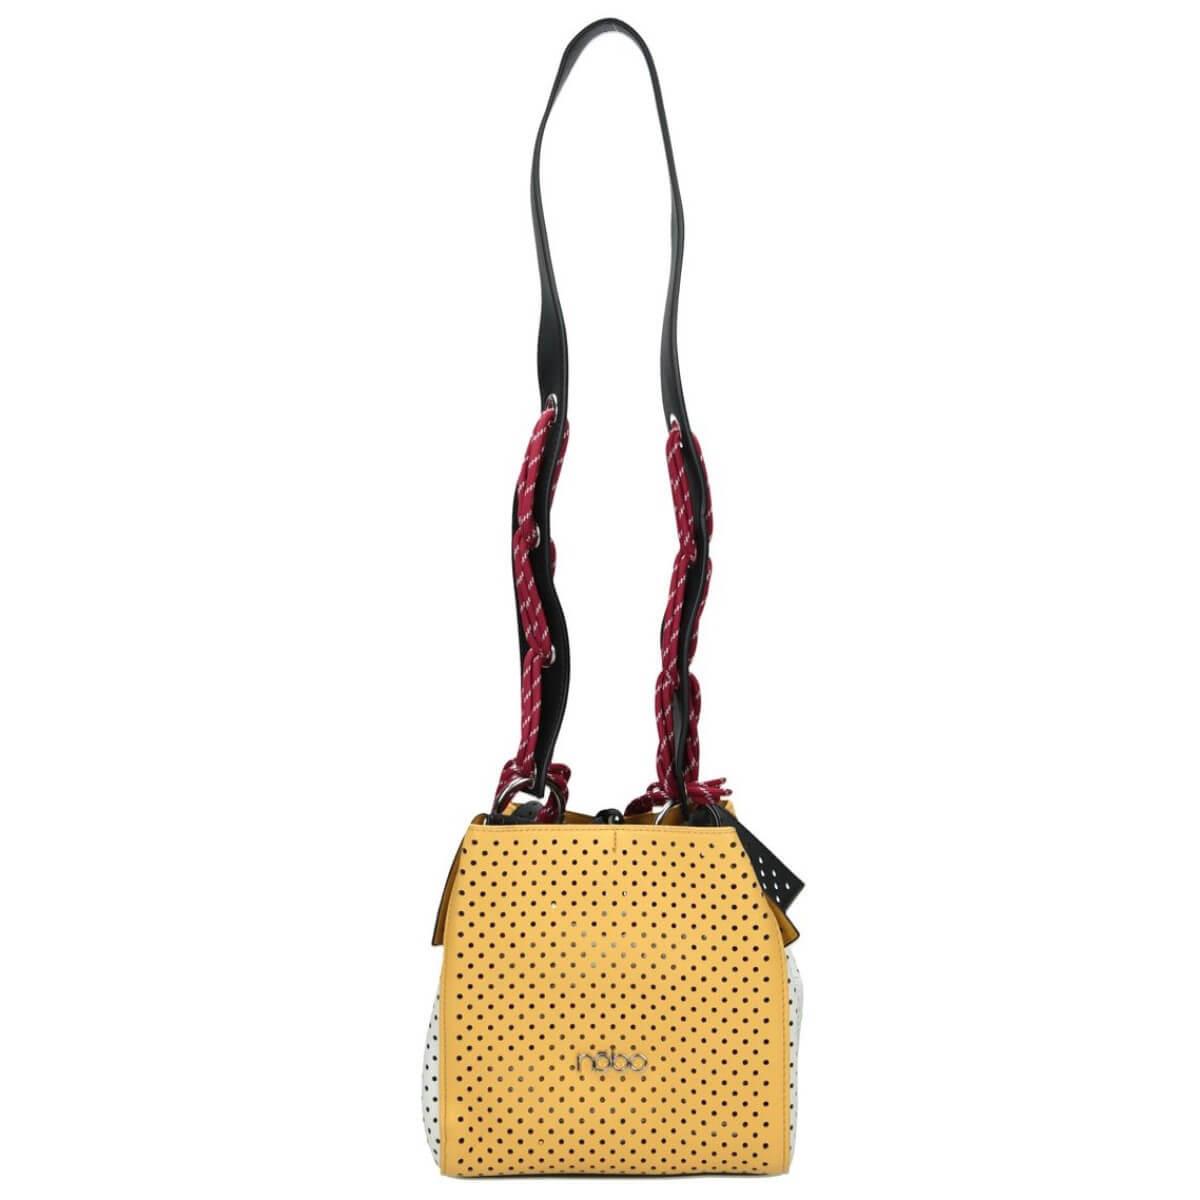 Nobo Woman's Bag NBAG-I1140-C002